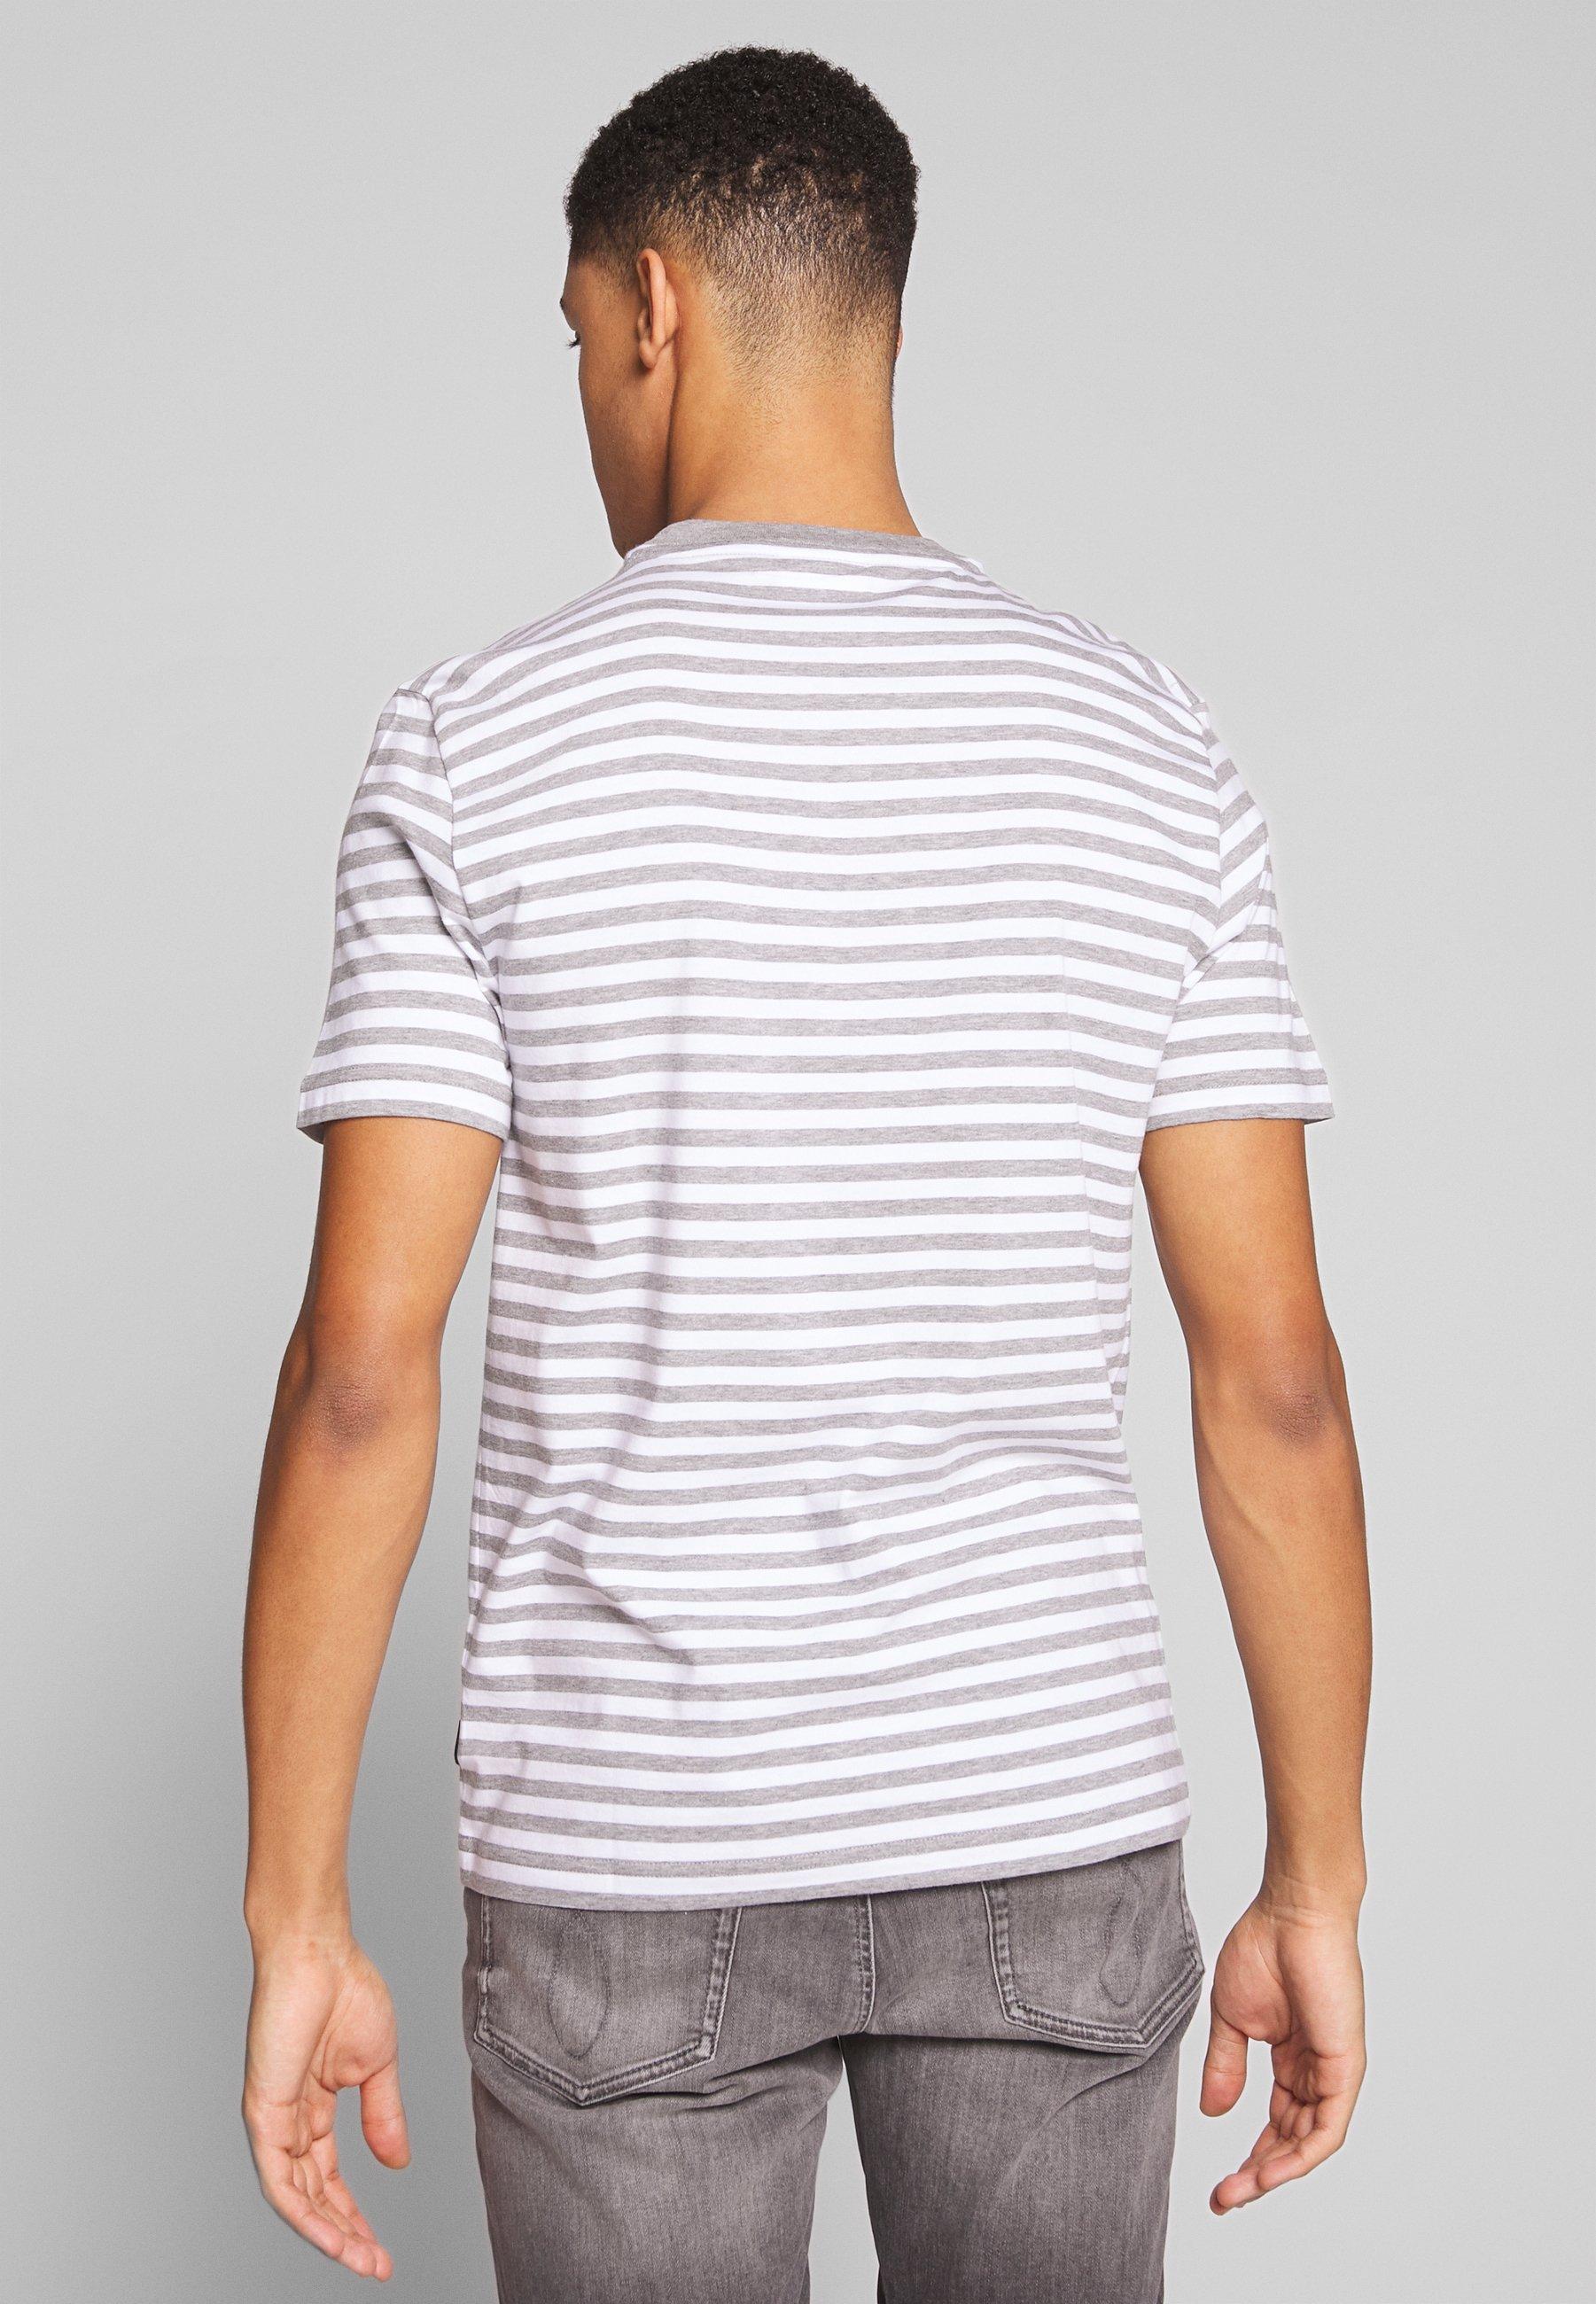 Calvin Klein Stripe Chest Logo - T-shirt Con Stampa White/grey Pk7oWym